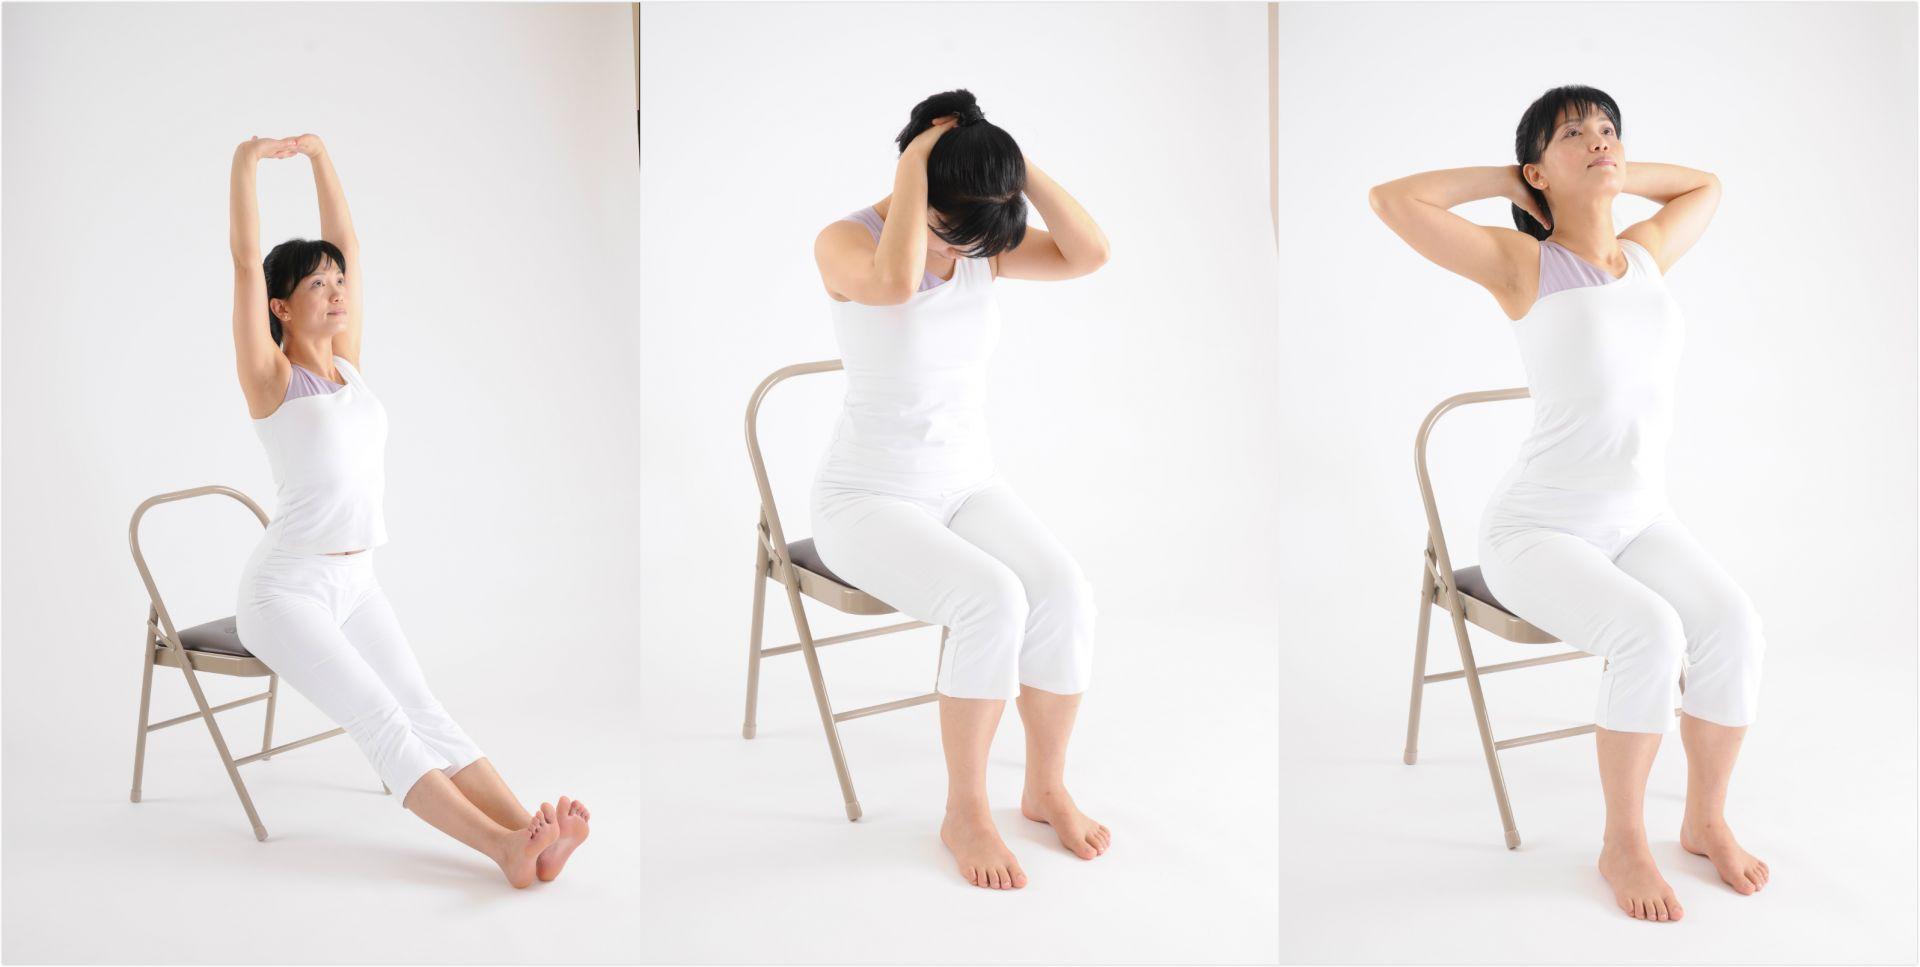 上班族必看!辦公室3分鐘瑜伽操 解胸悶、改善肩頸僵硬